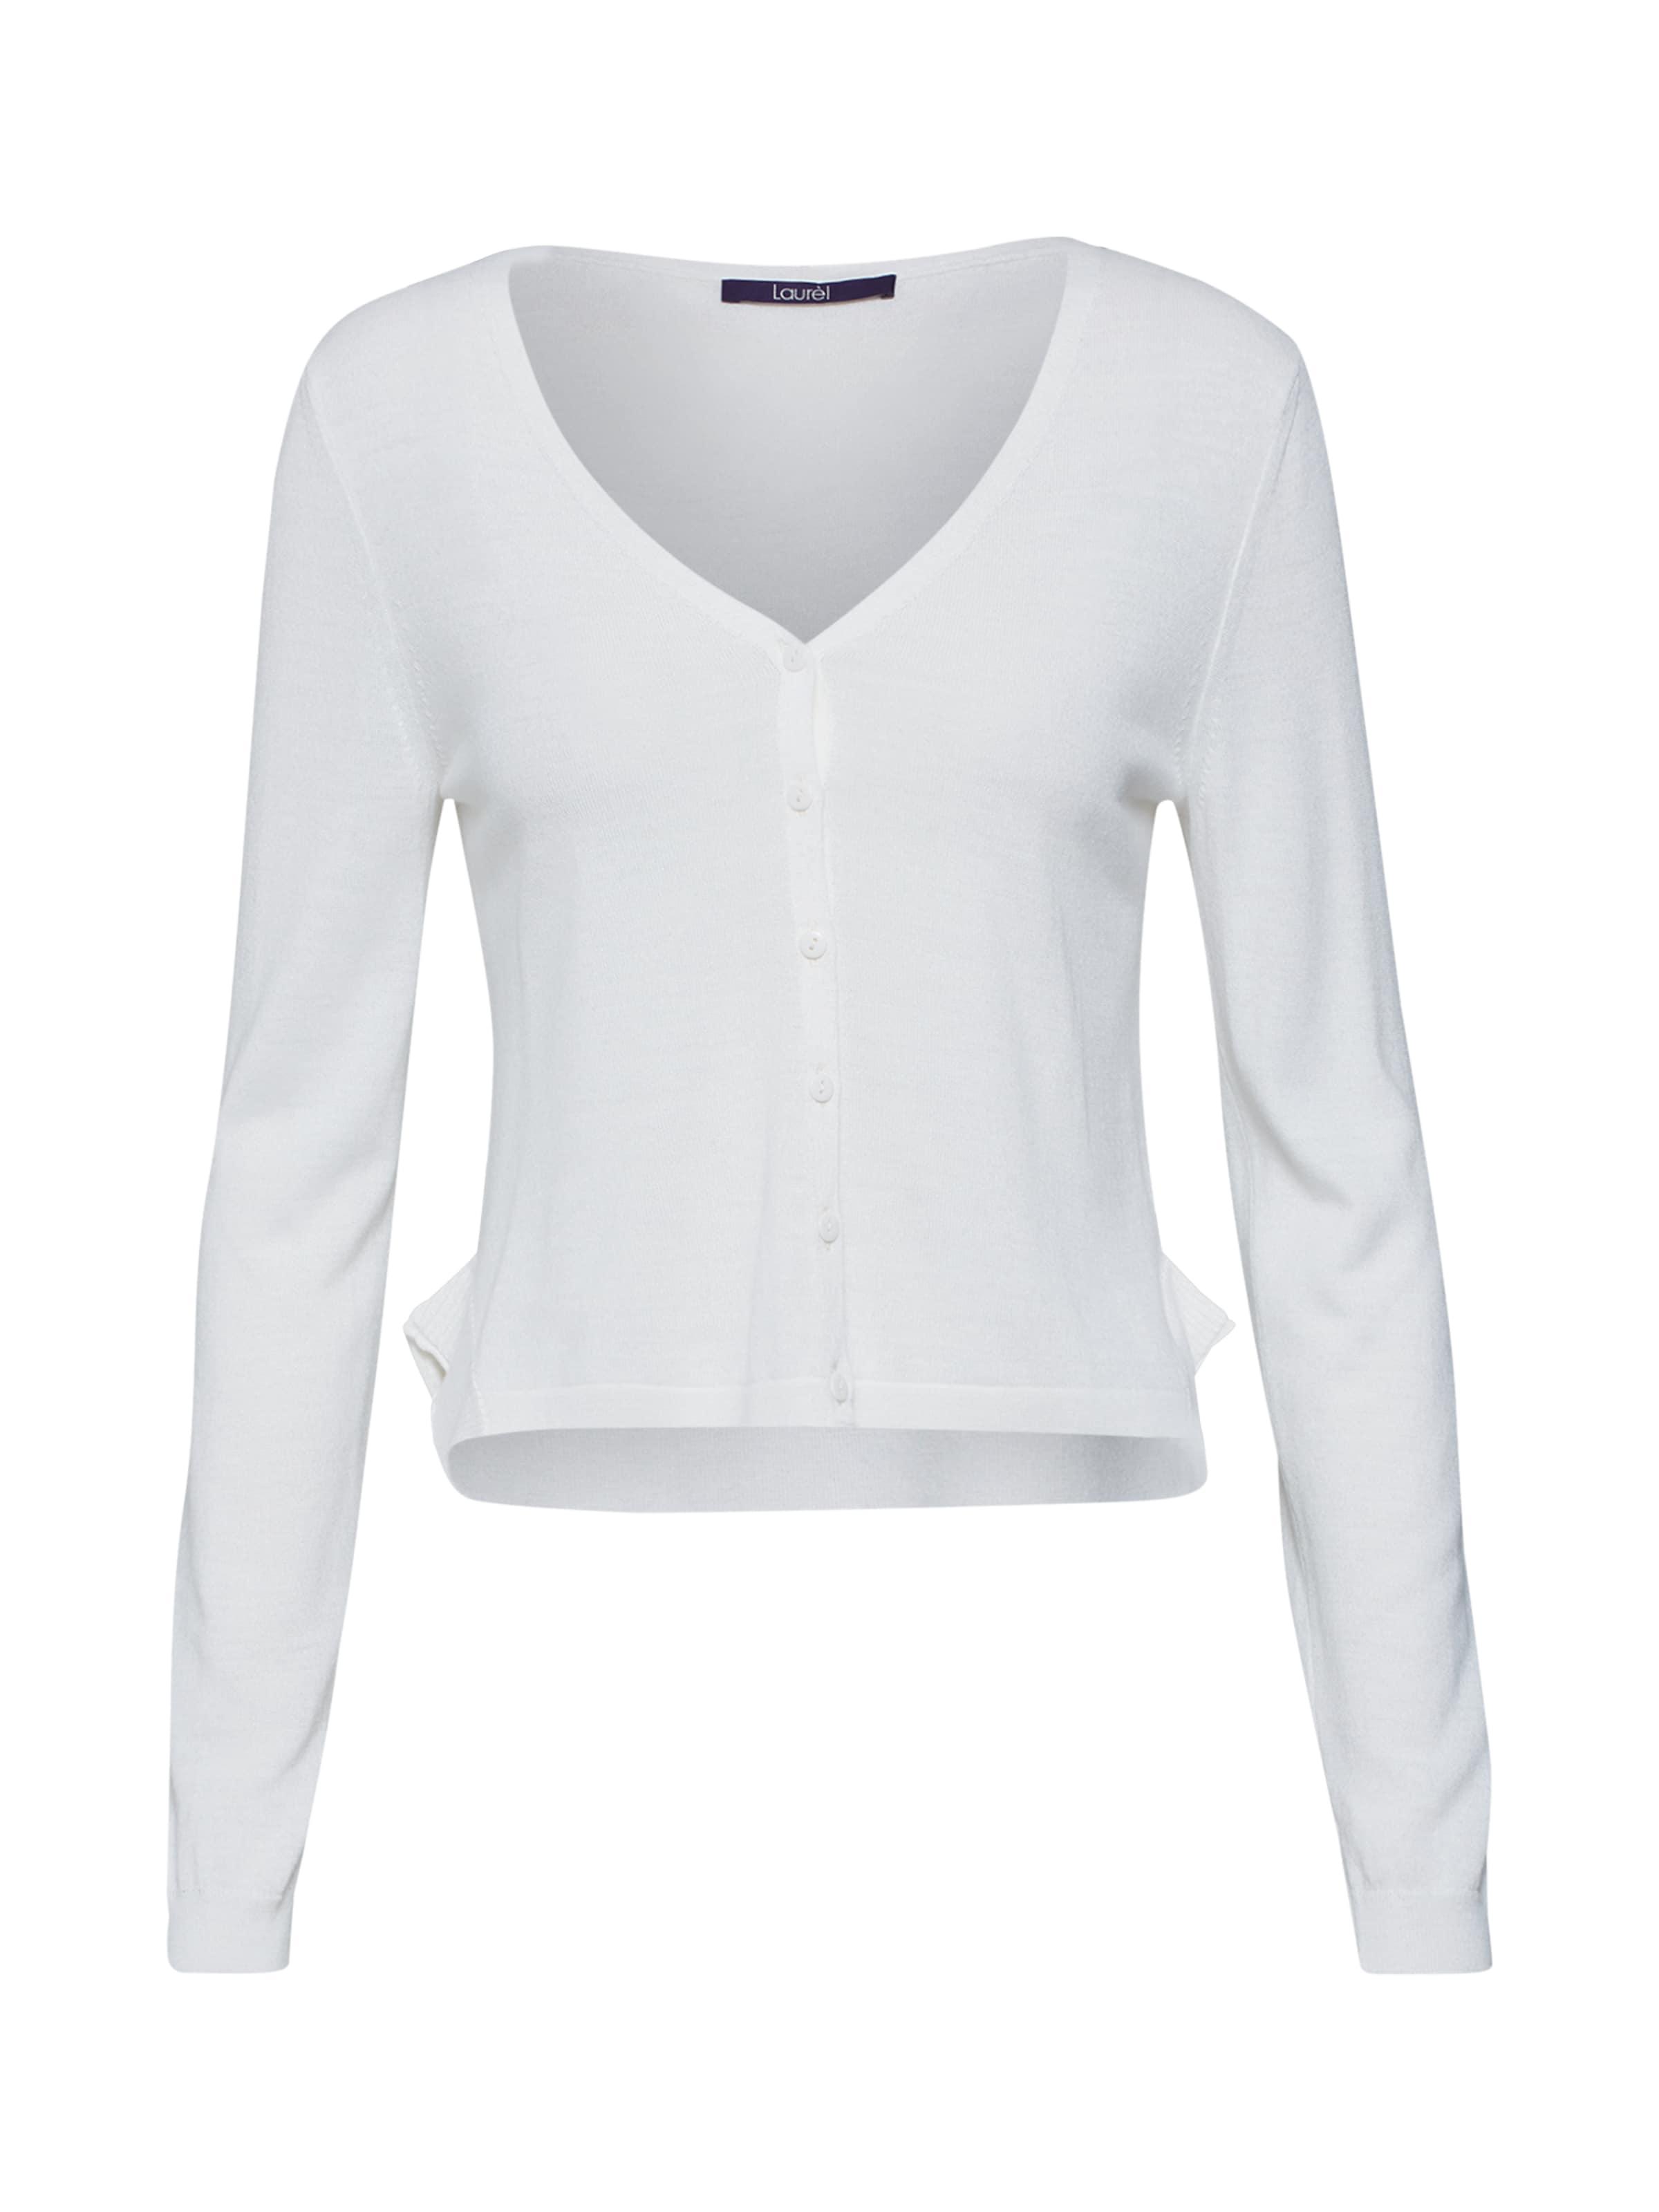 Laurel Laurel Laurel Cardigan Cardigan Blanc En En Blanc '21042' '21042' eH9YbED2IW